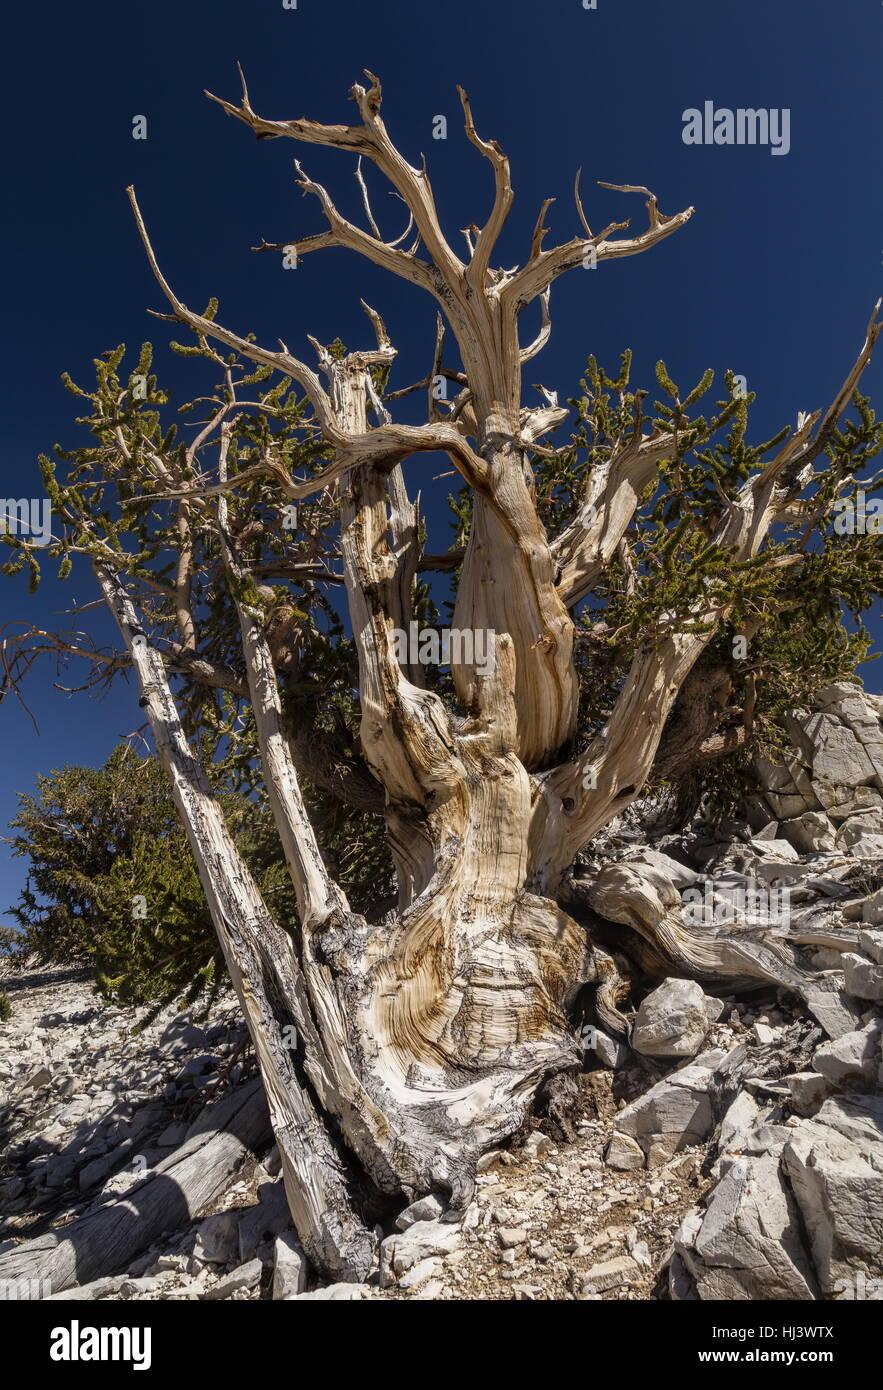 Great Basin bristlecone o pino Bristlecone Pine, Pinus longaeva, en las Montañas Blancas, California. Los árboles más antiguos que se conocen en el mundo. Foto de stock